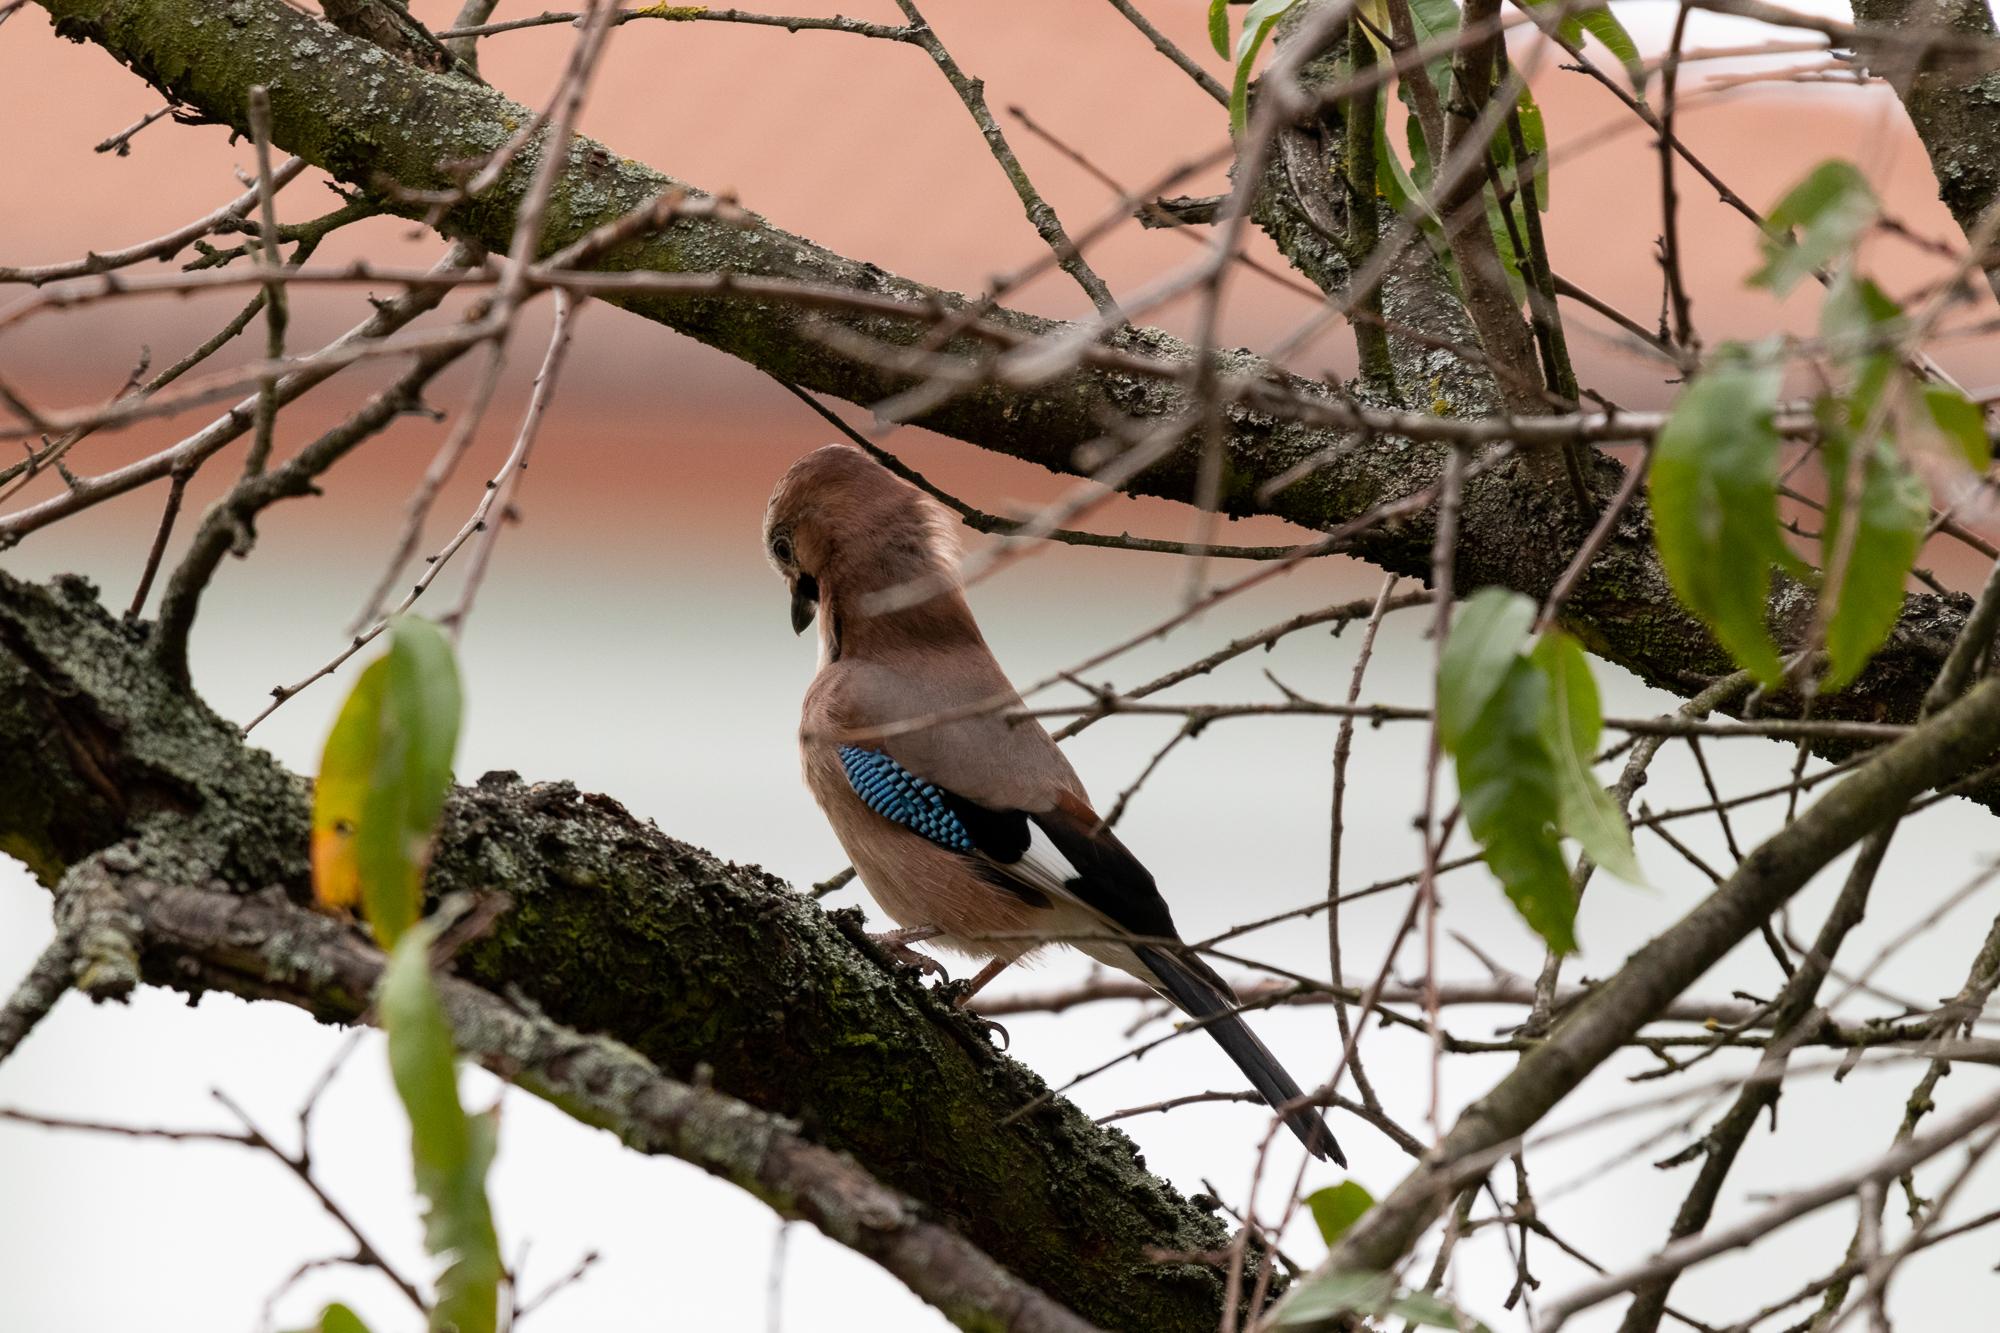 Eichelhäher auf dem Baum